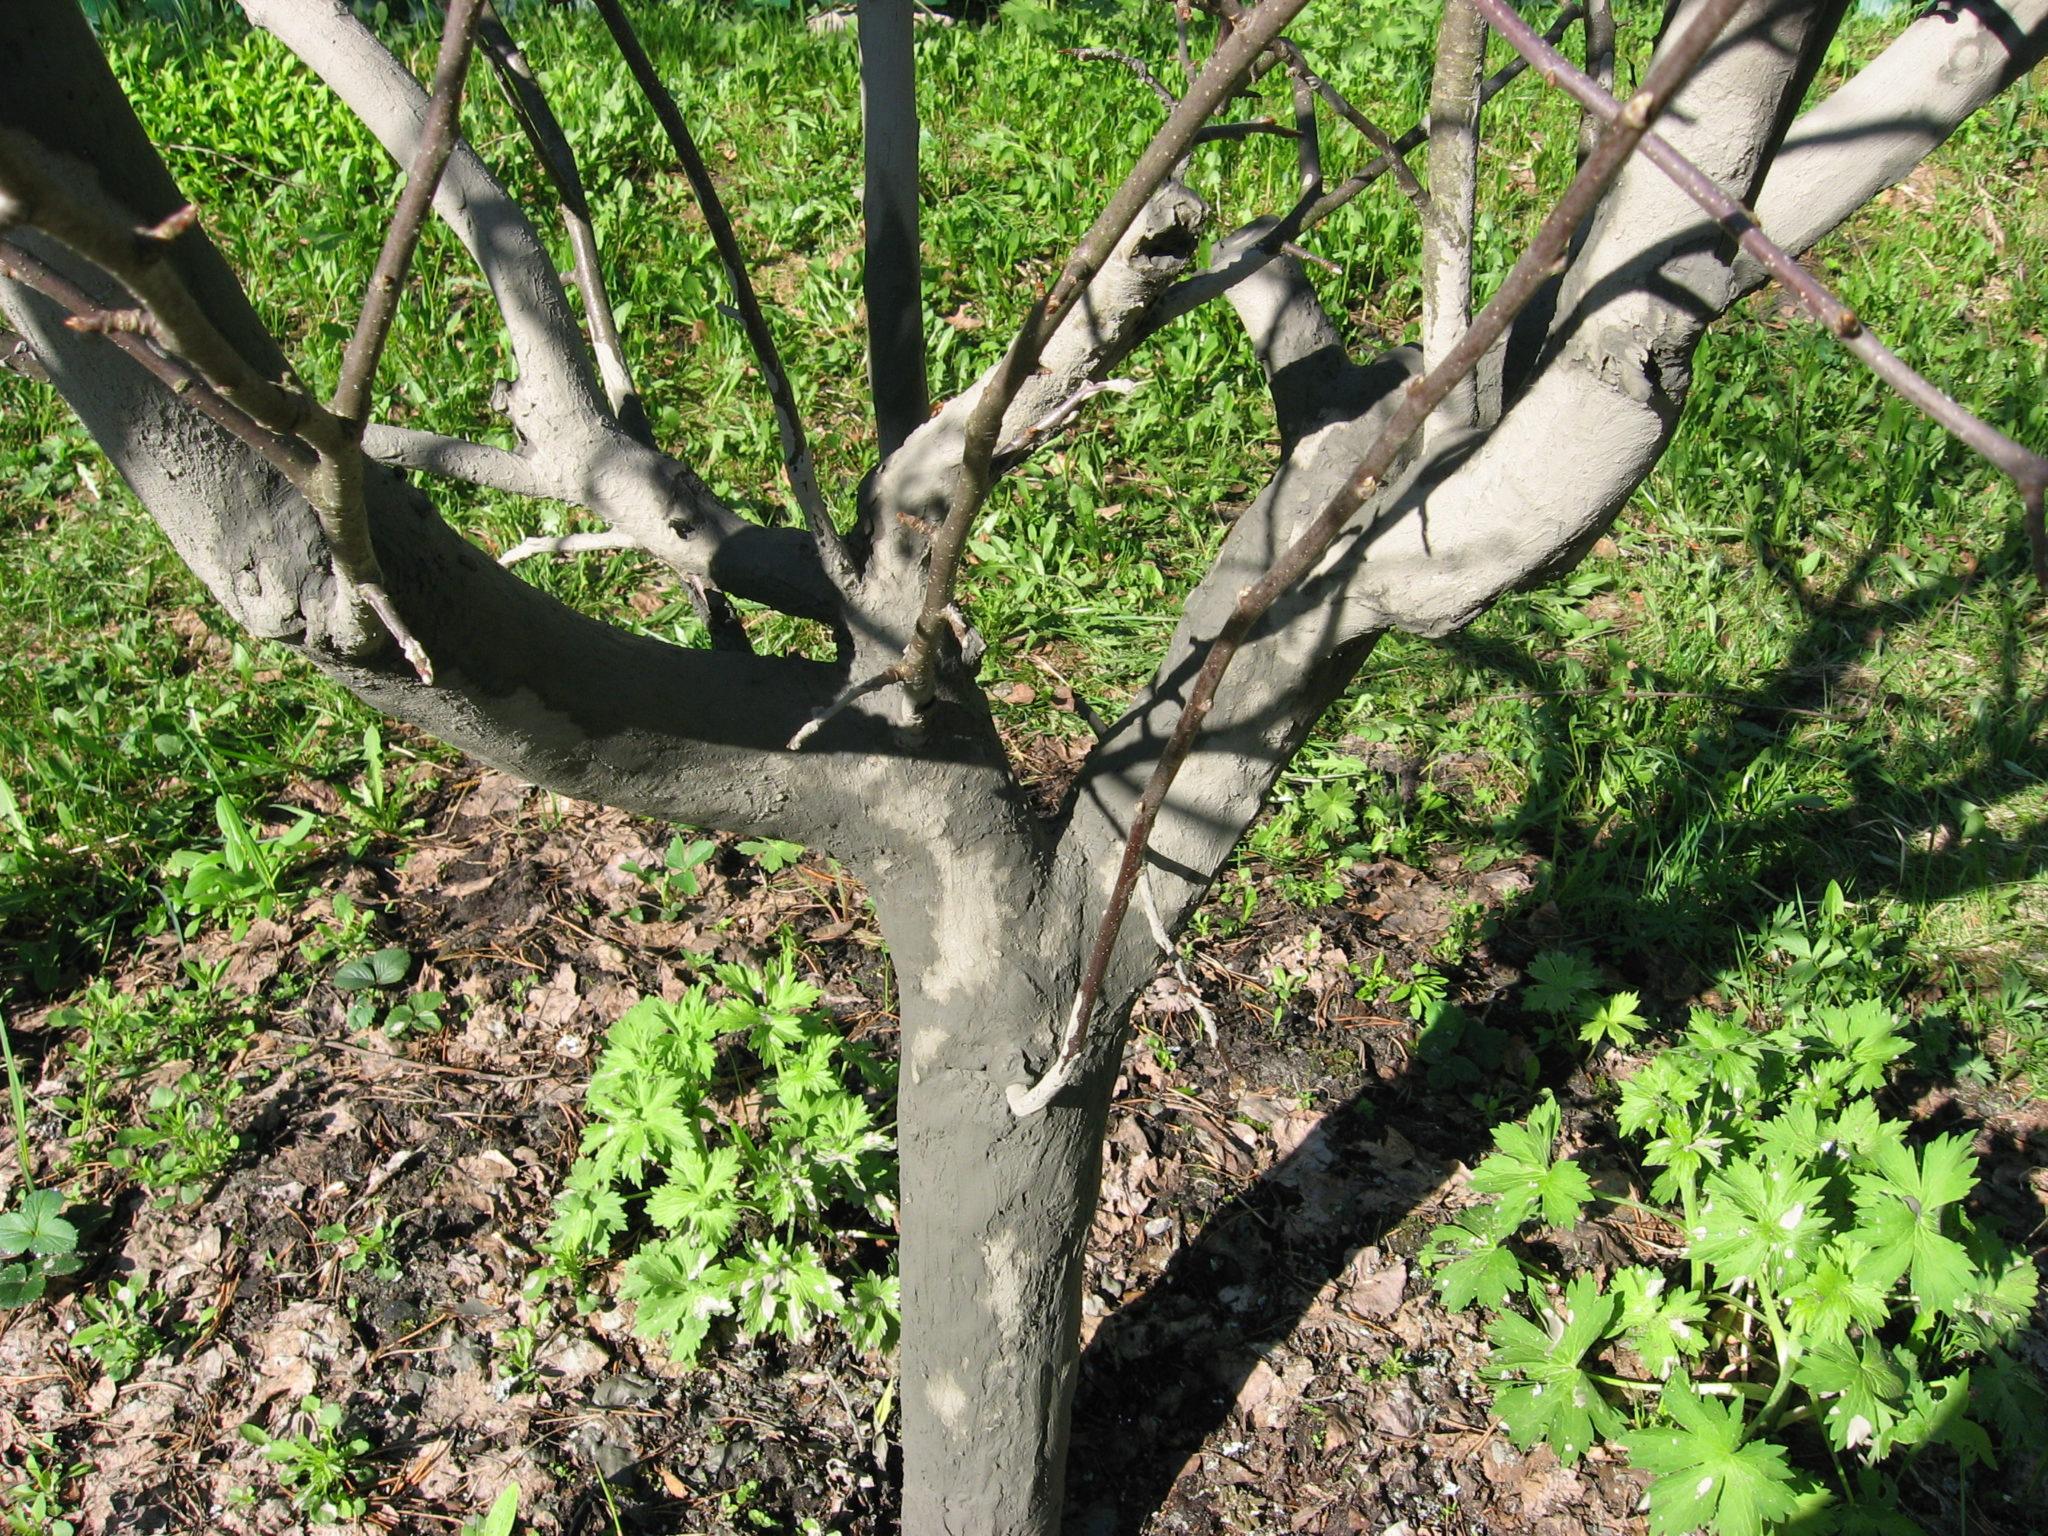 Фото неповрежденного ствола яблони